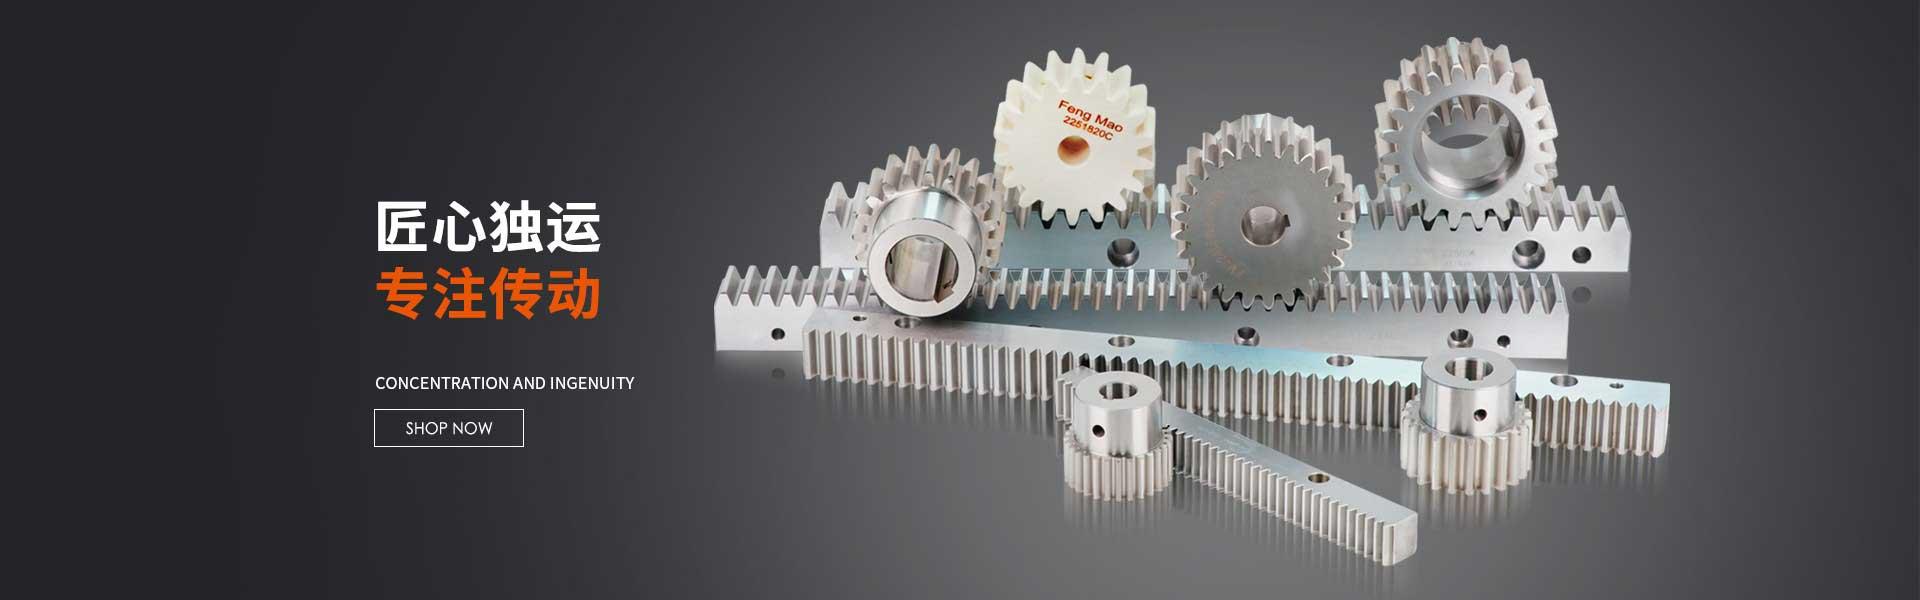 40年齿条加工厂家经验,专业品质保证